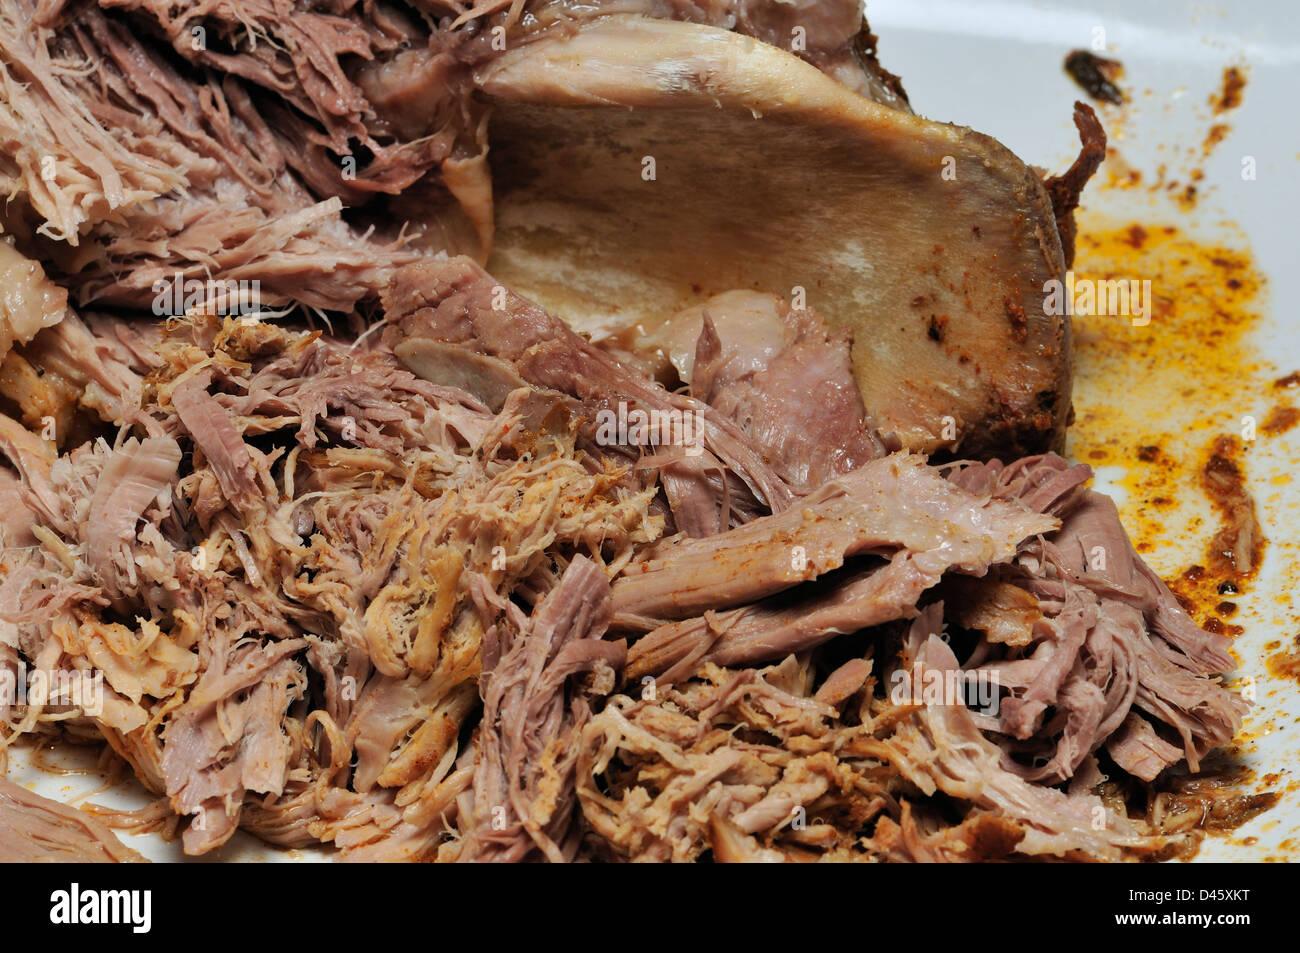 Schweinefleisch - zog langsam gegartes Schweinefleisch auseinander gezogen Stockbild